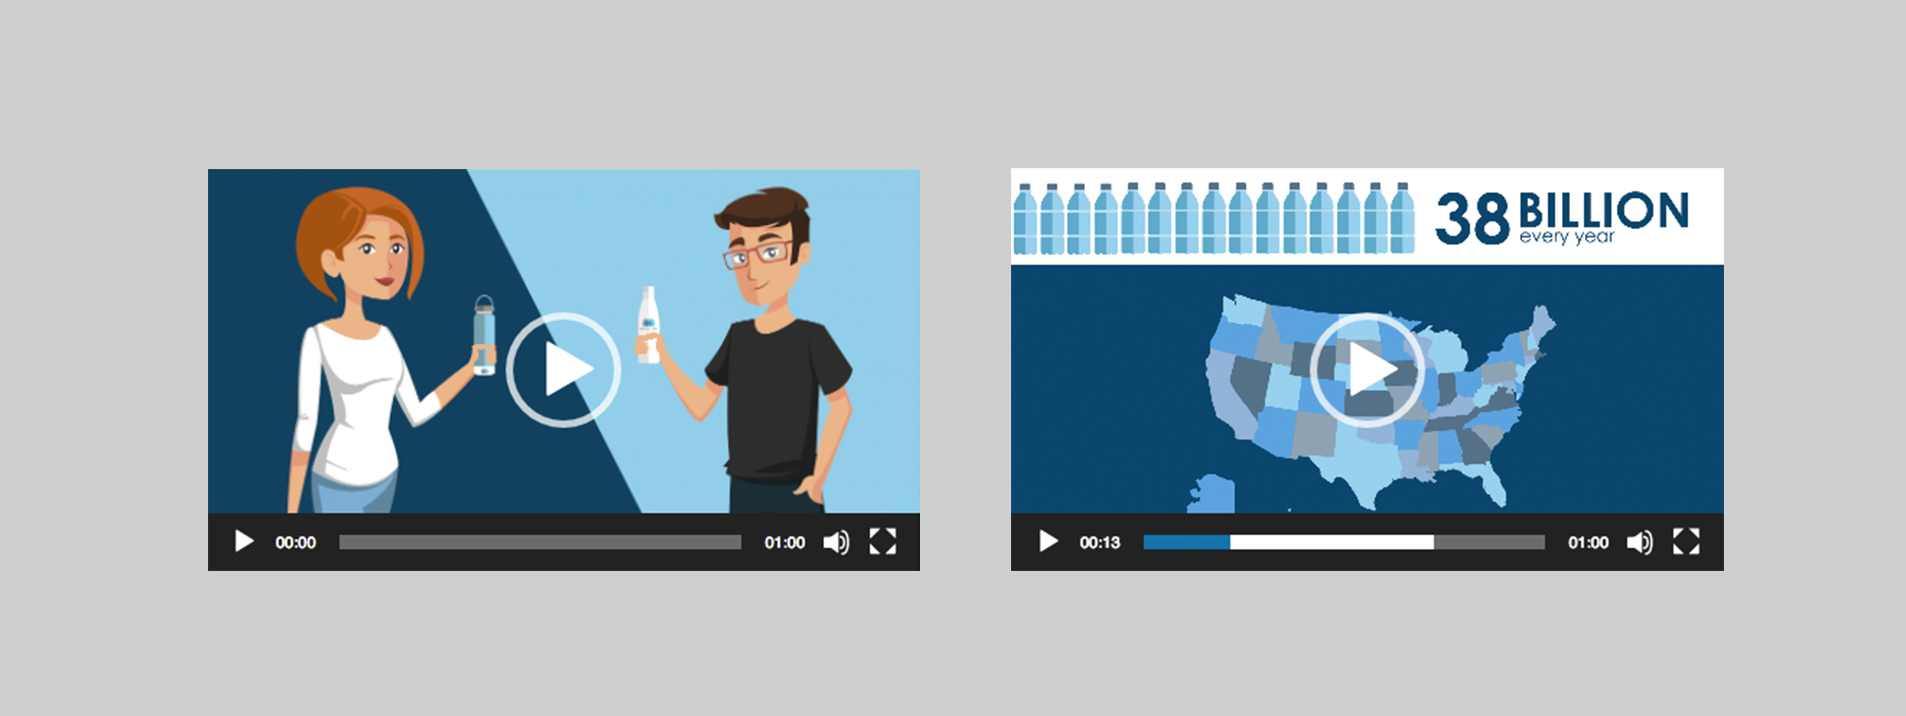 instream video demonstration stills